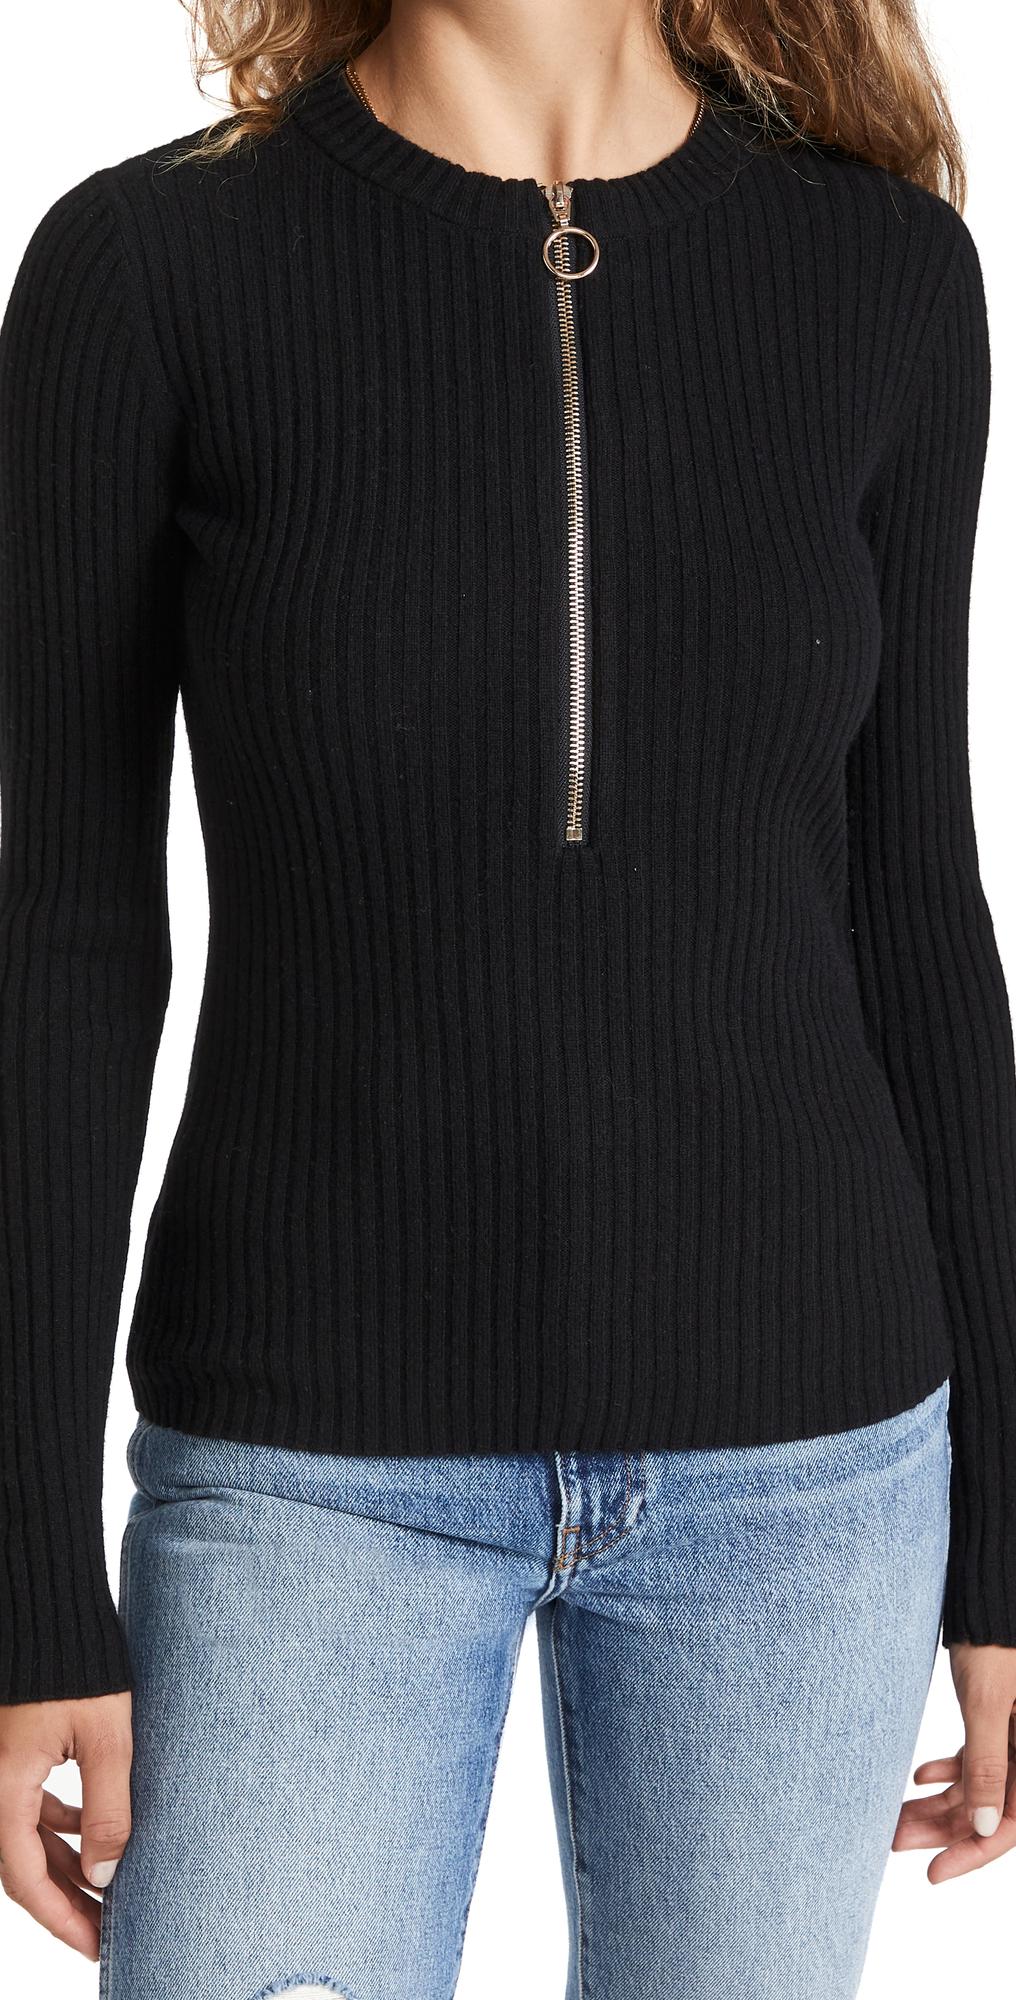 Ali Zipper Sweater